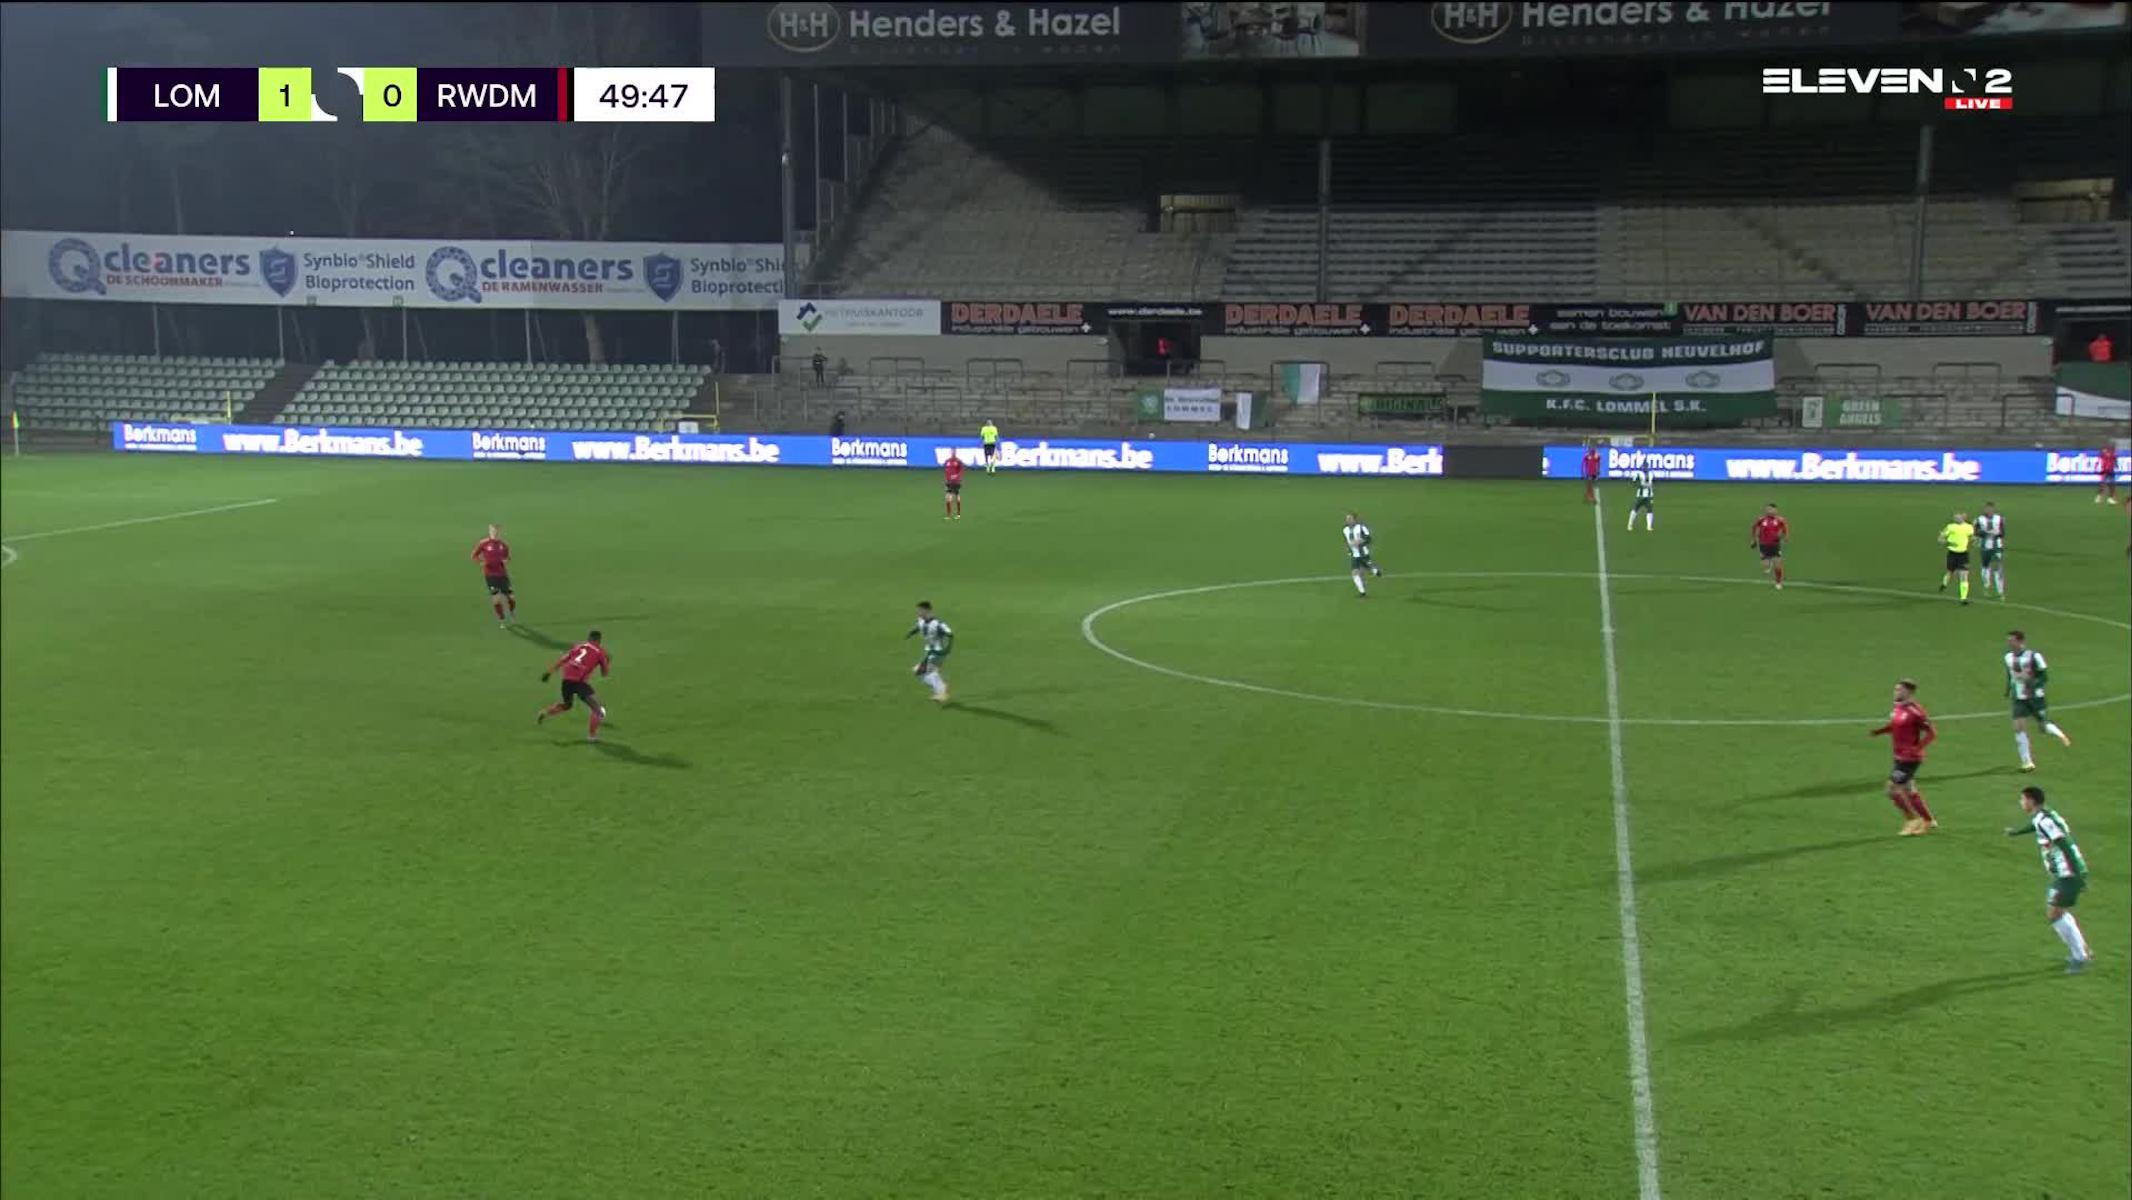 Doelpunt Manfred Ugalde (Lommel SK vs. RWDM)